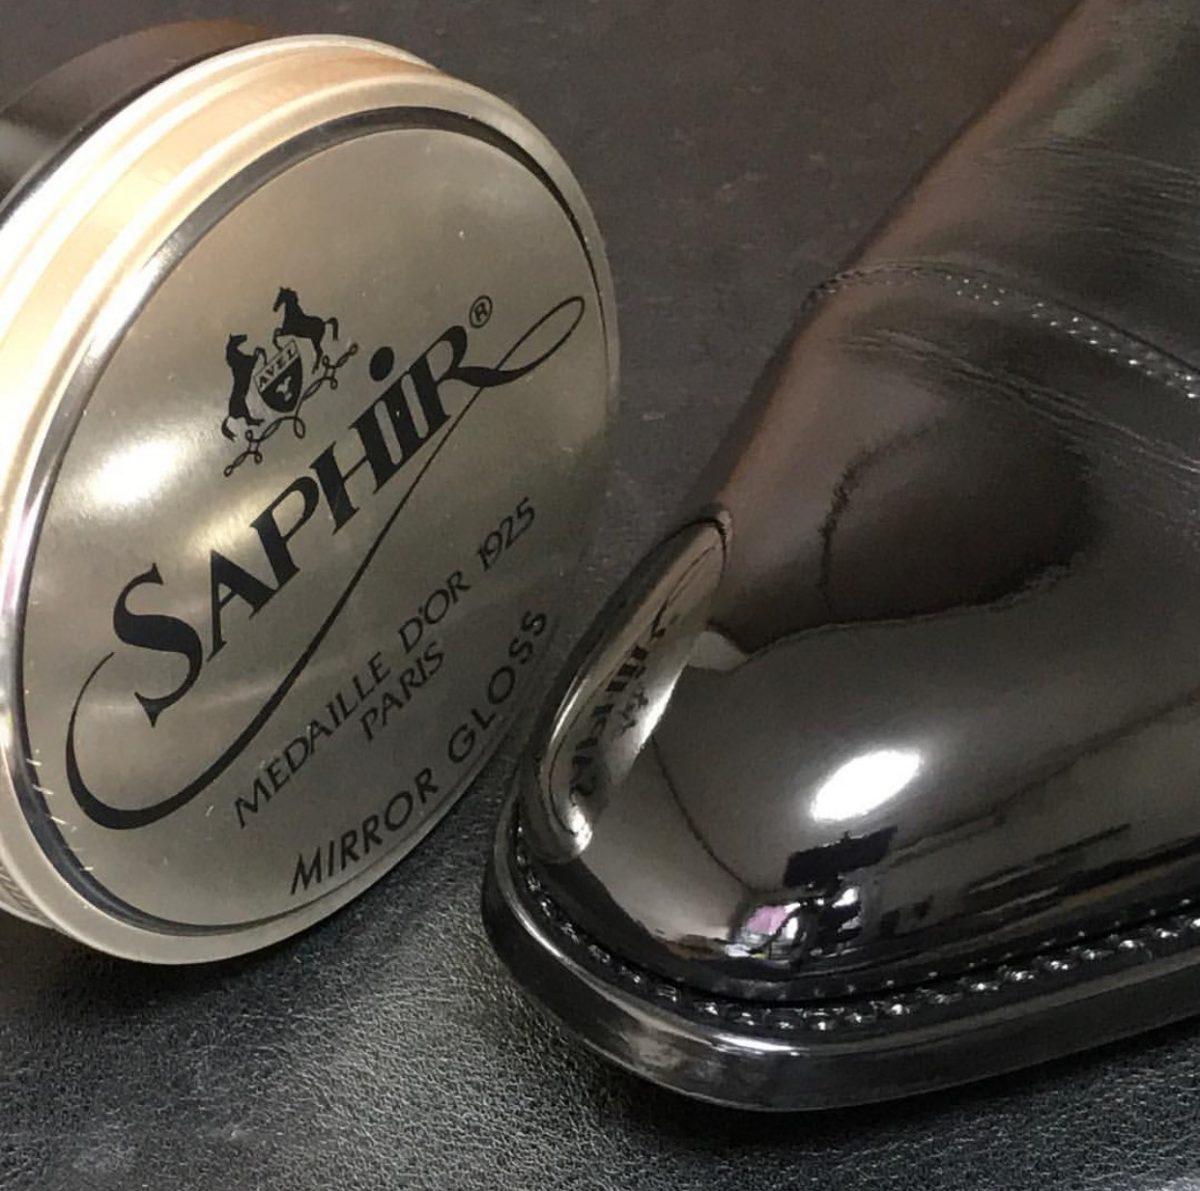 Xi đánh giày da sáp có tốt không?